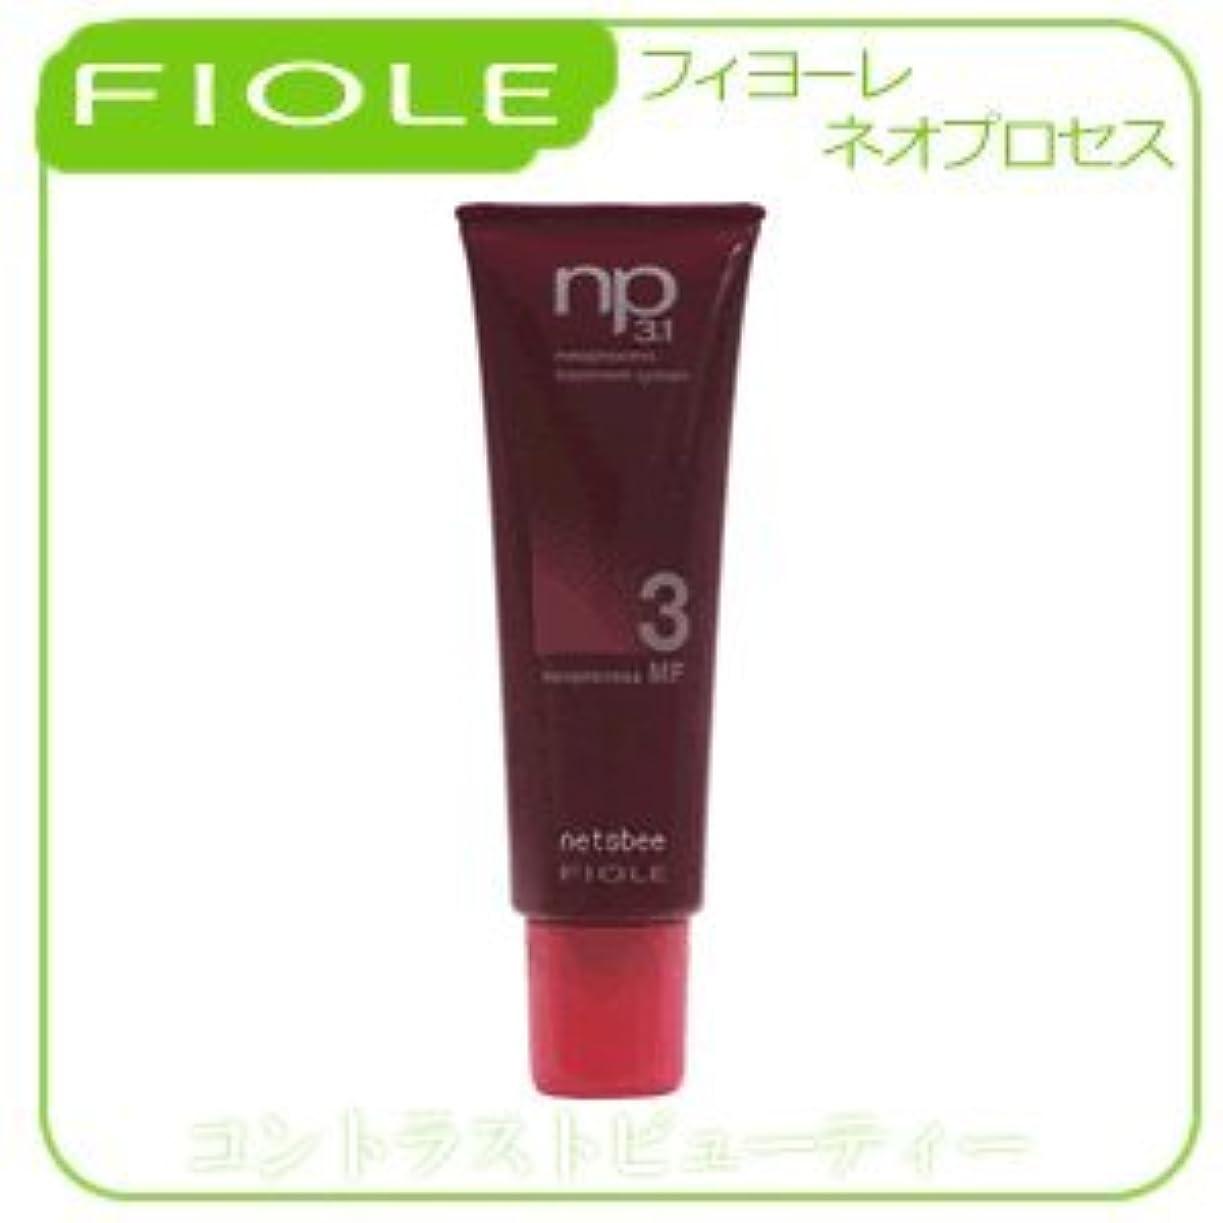 組スリット洗練【X3個セット】 フィヨーレ NP3.1 ネオプロセス MF3 130g FIOLE ネオプロセス